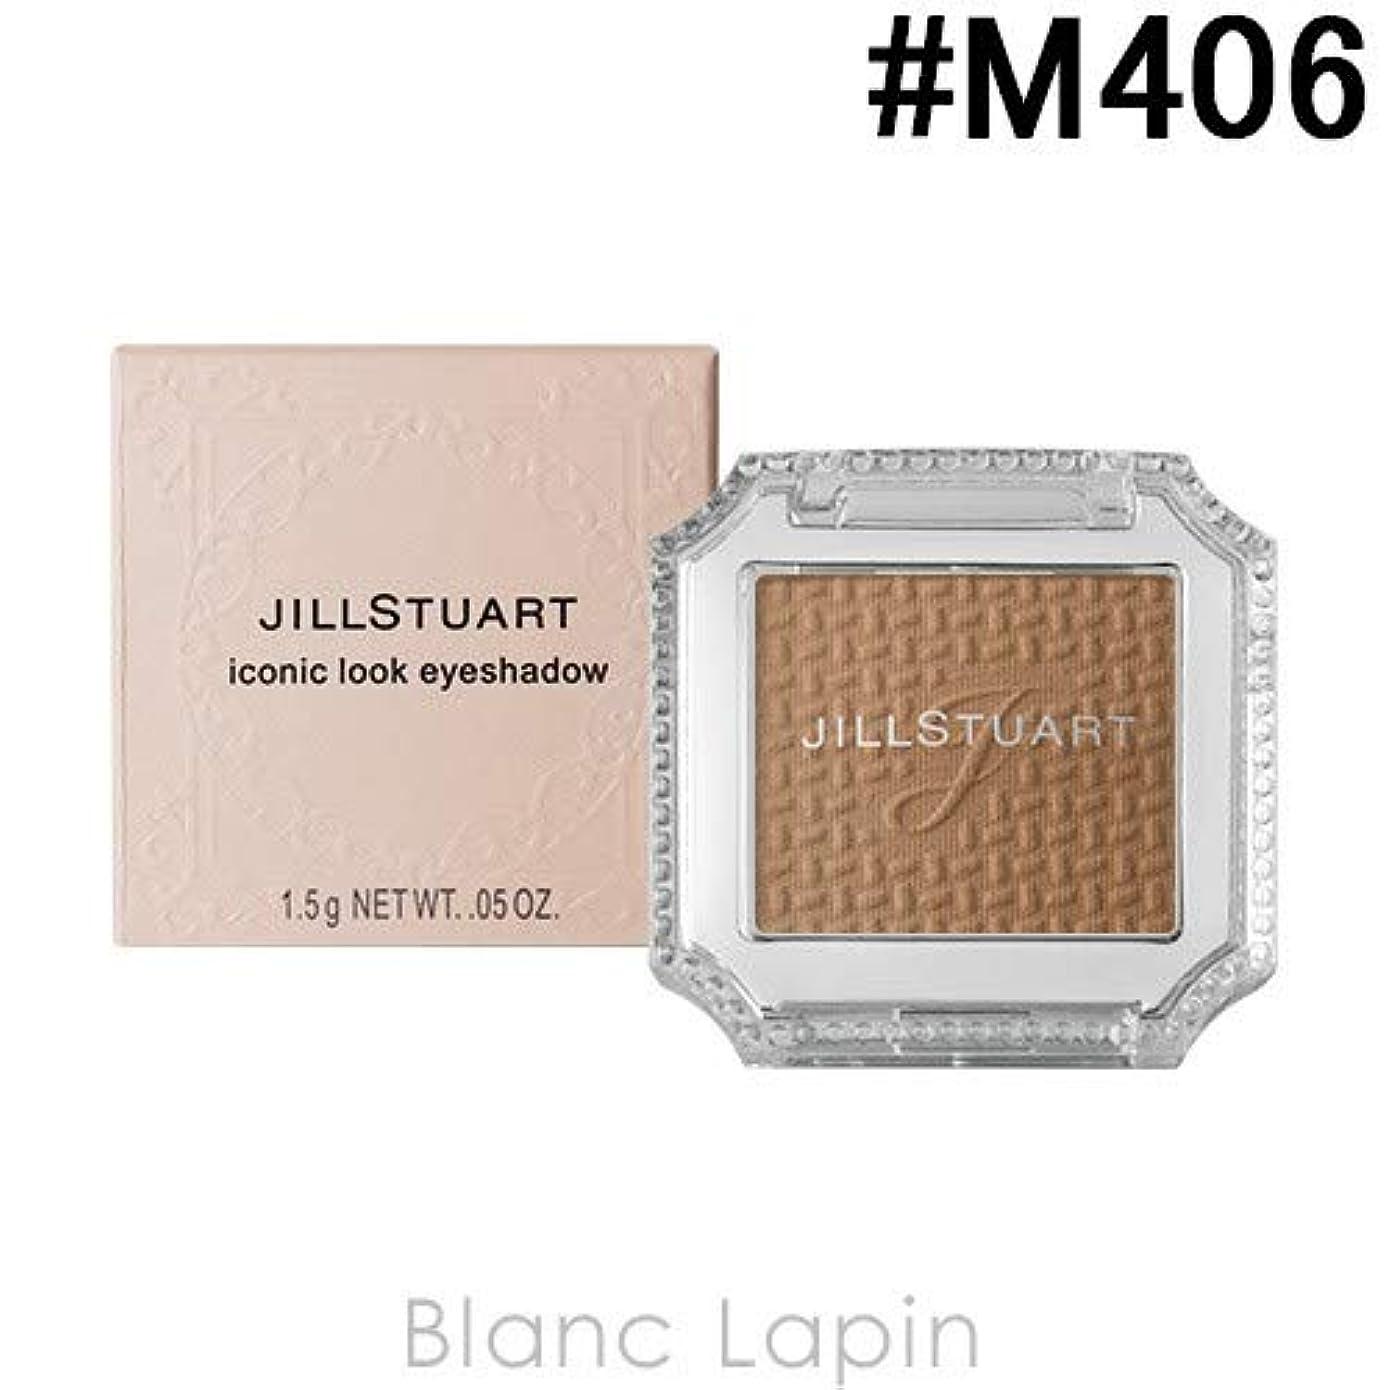 経済的ゲーム試してみるジルスチュアート JILL STUART アイコニックルックアイシャドウ #M406 mature elegance 1.5g